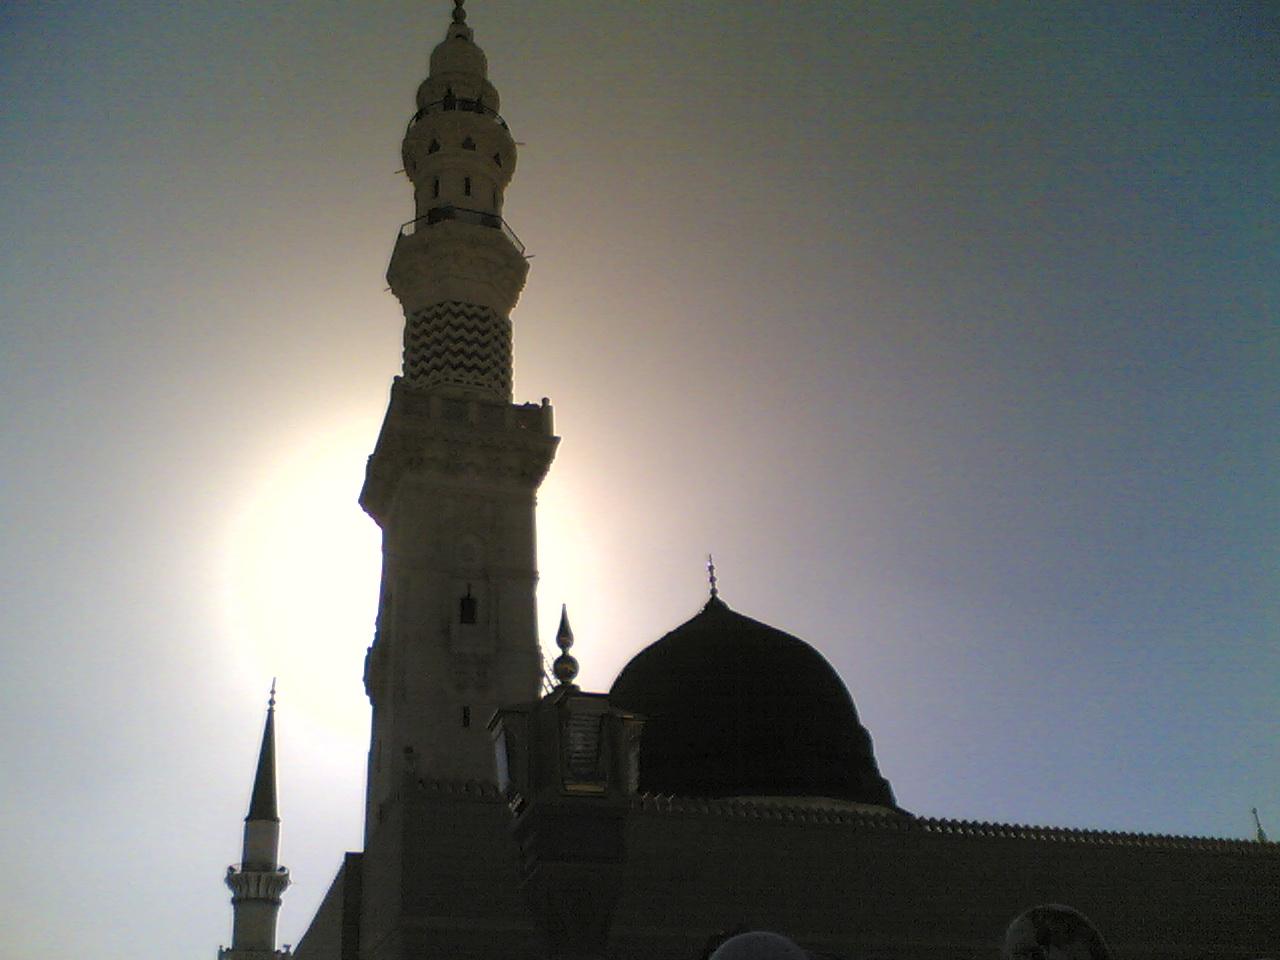 Редкое явление, связанное с пророком Мухаммадом, произойдет в 2015 году